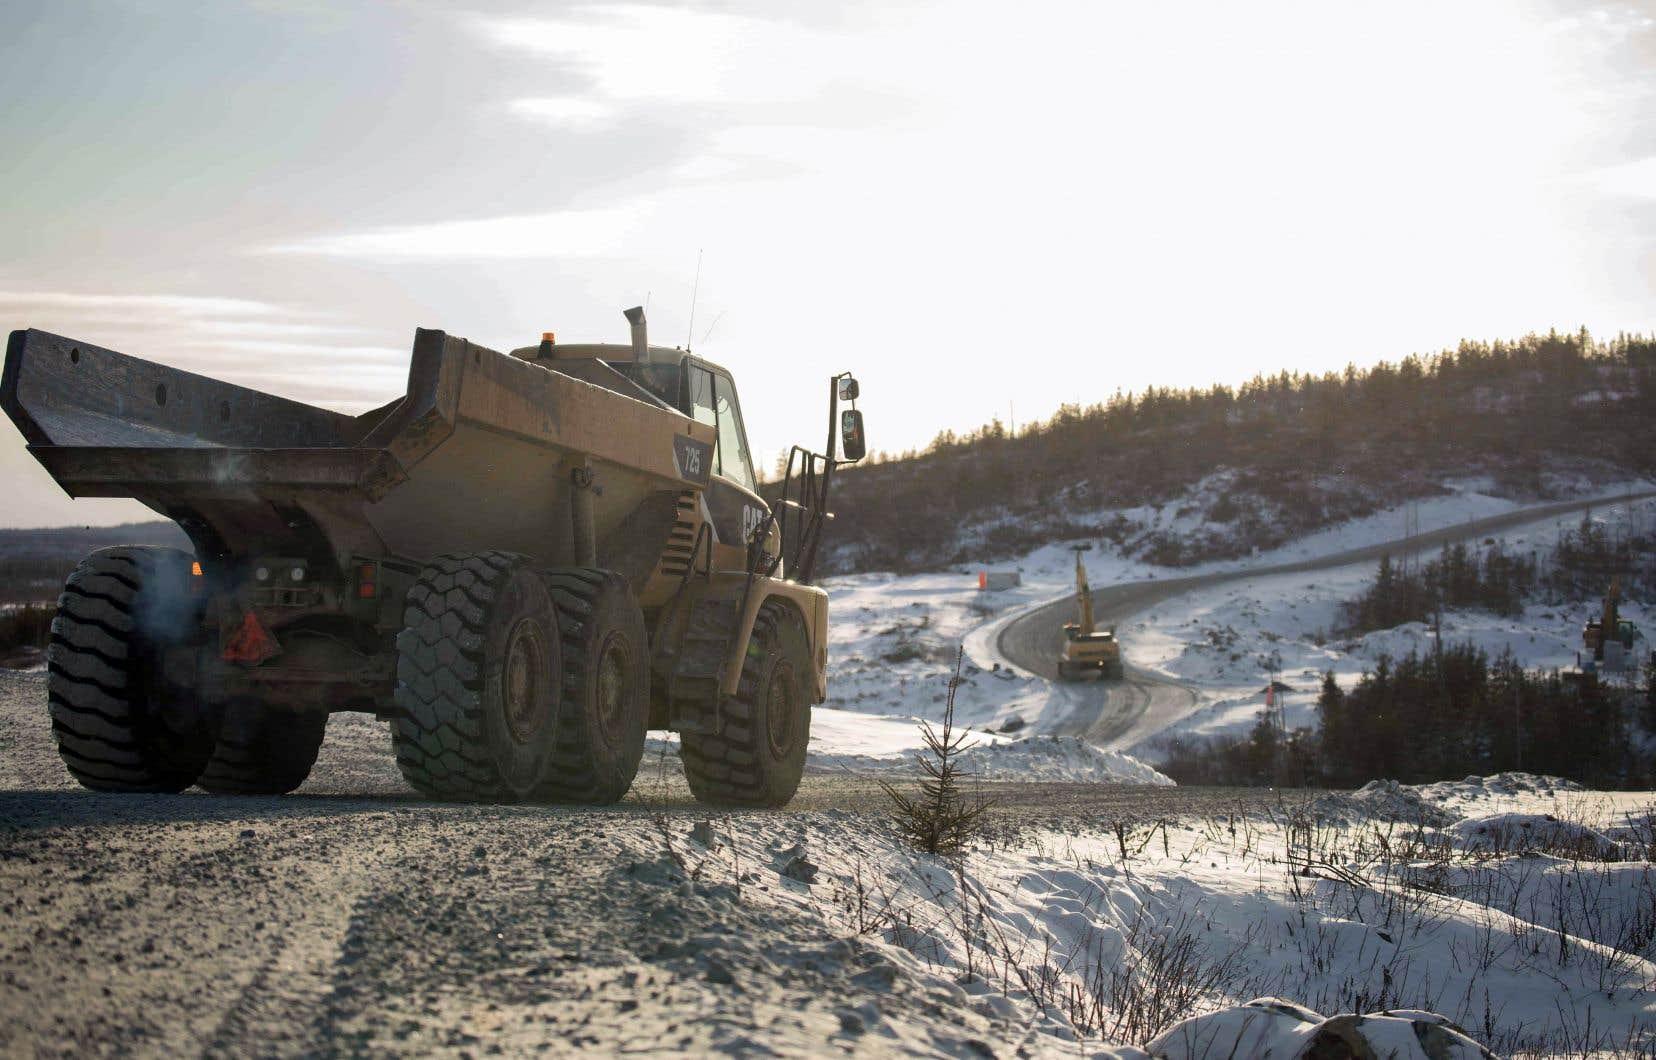 La demande pour des minéraux comme le lithium, le graphite, le cobalt et le nickel est appelée à exploser d'ici 2050, avec des hausses prévues variant entre 300% et 8000%. Sur la photo, le site où Nemaska Lithium compte bientôt exploiter la mine Whabouchi, à 300 km au nord de Chibougamau.